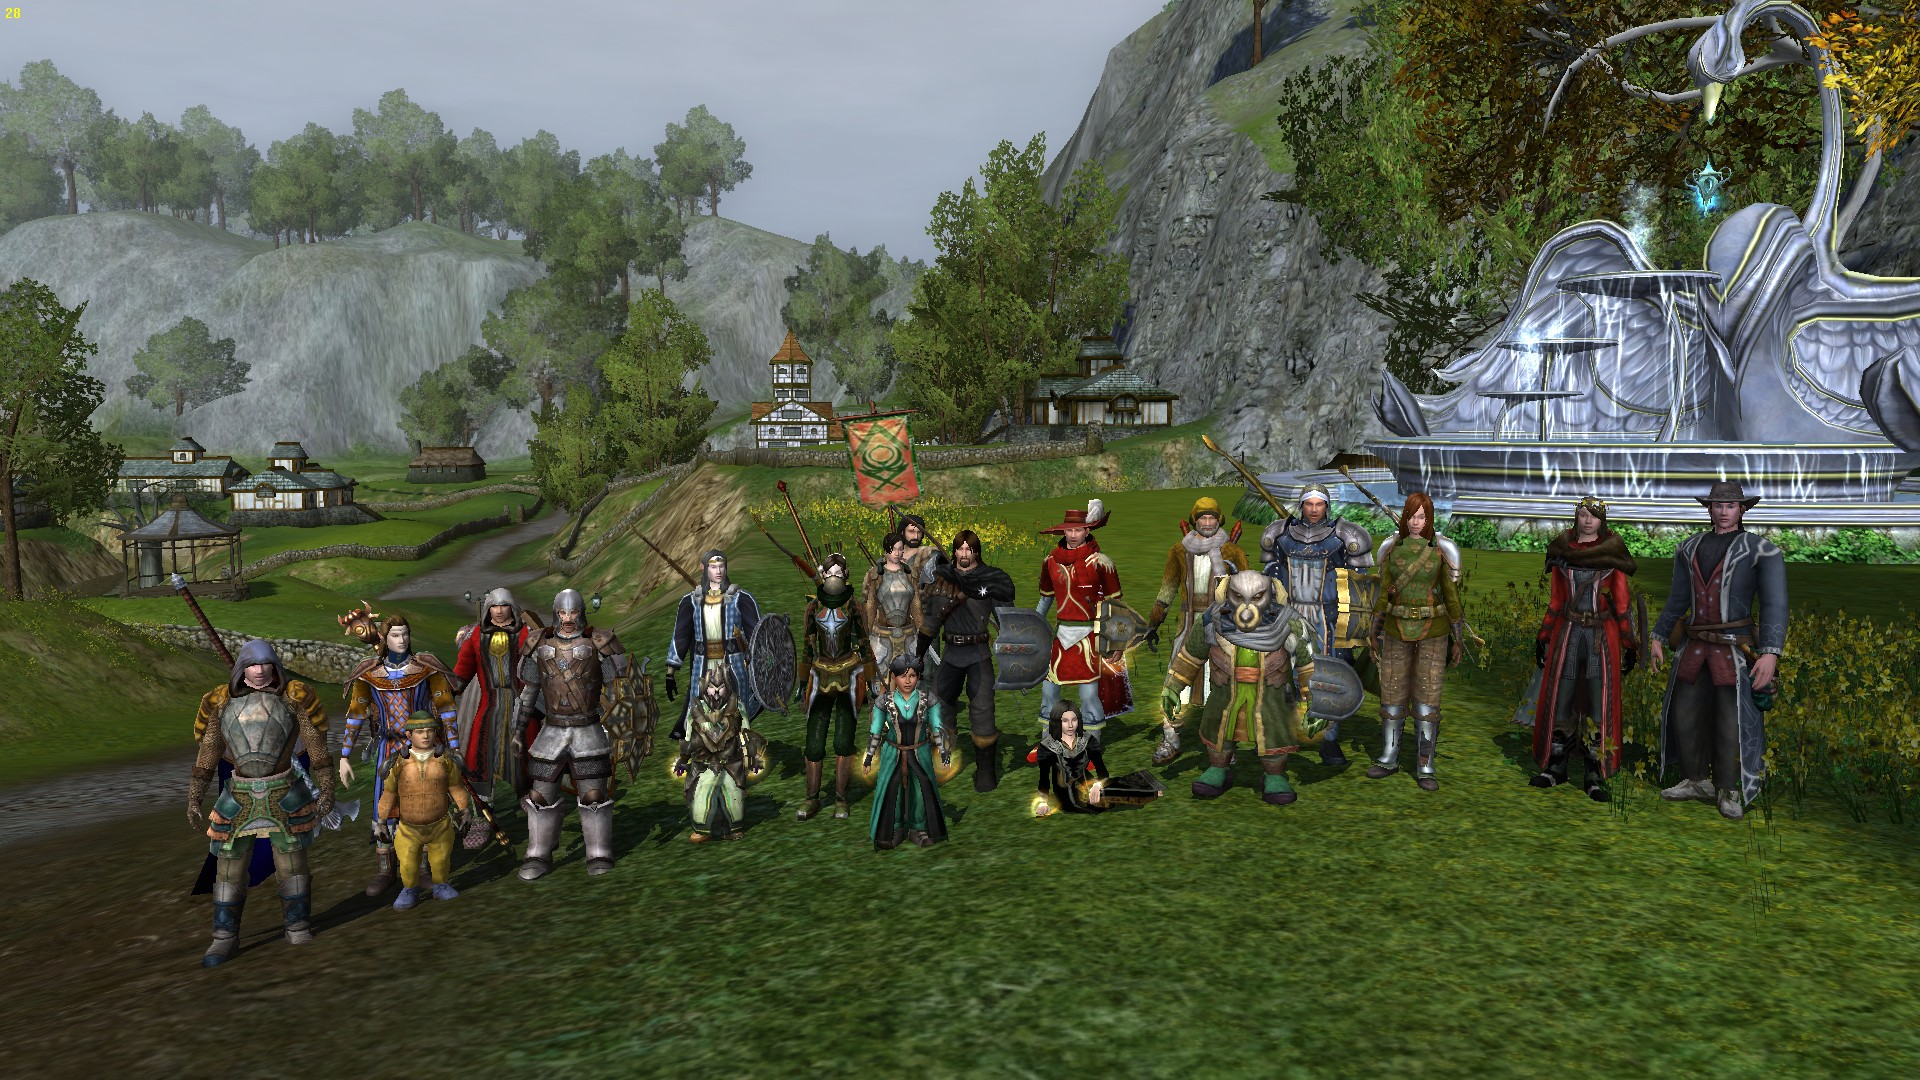 Ať žije náš nový leader Rethon (pán uprostřed v červeném) a my všichni s ním:)